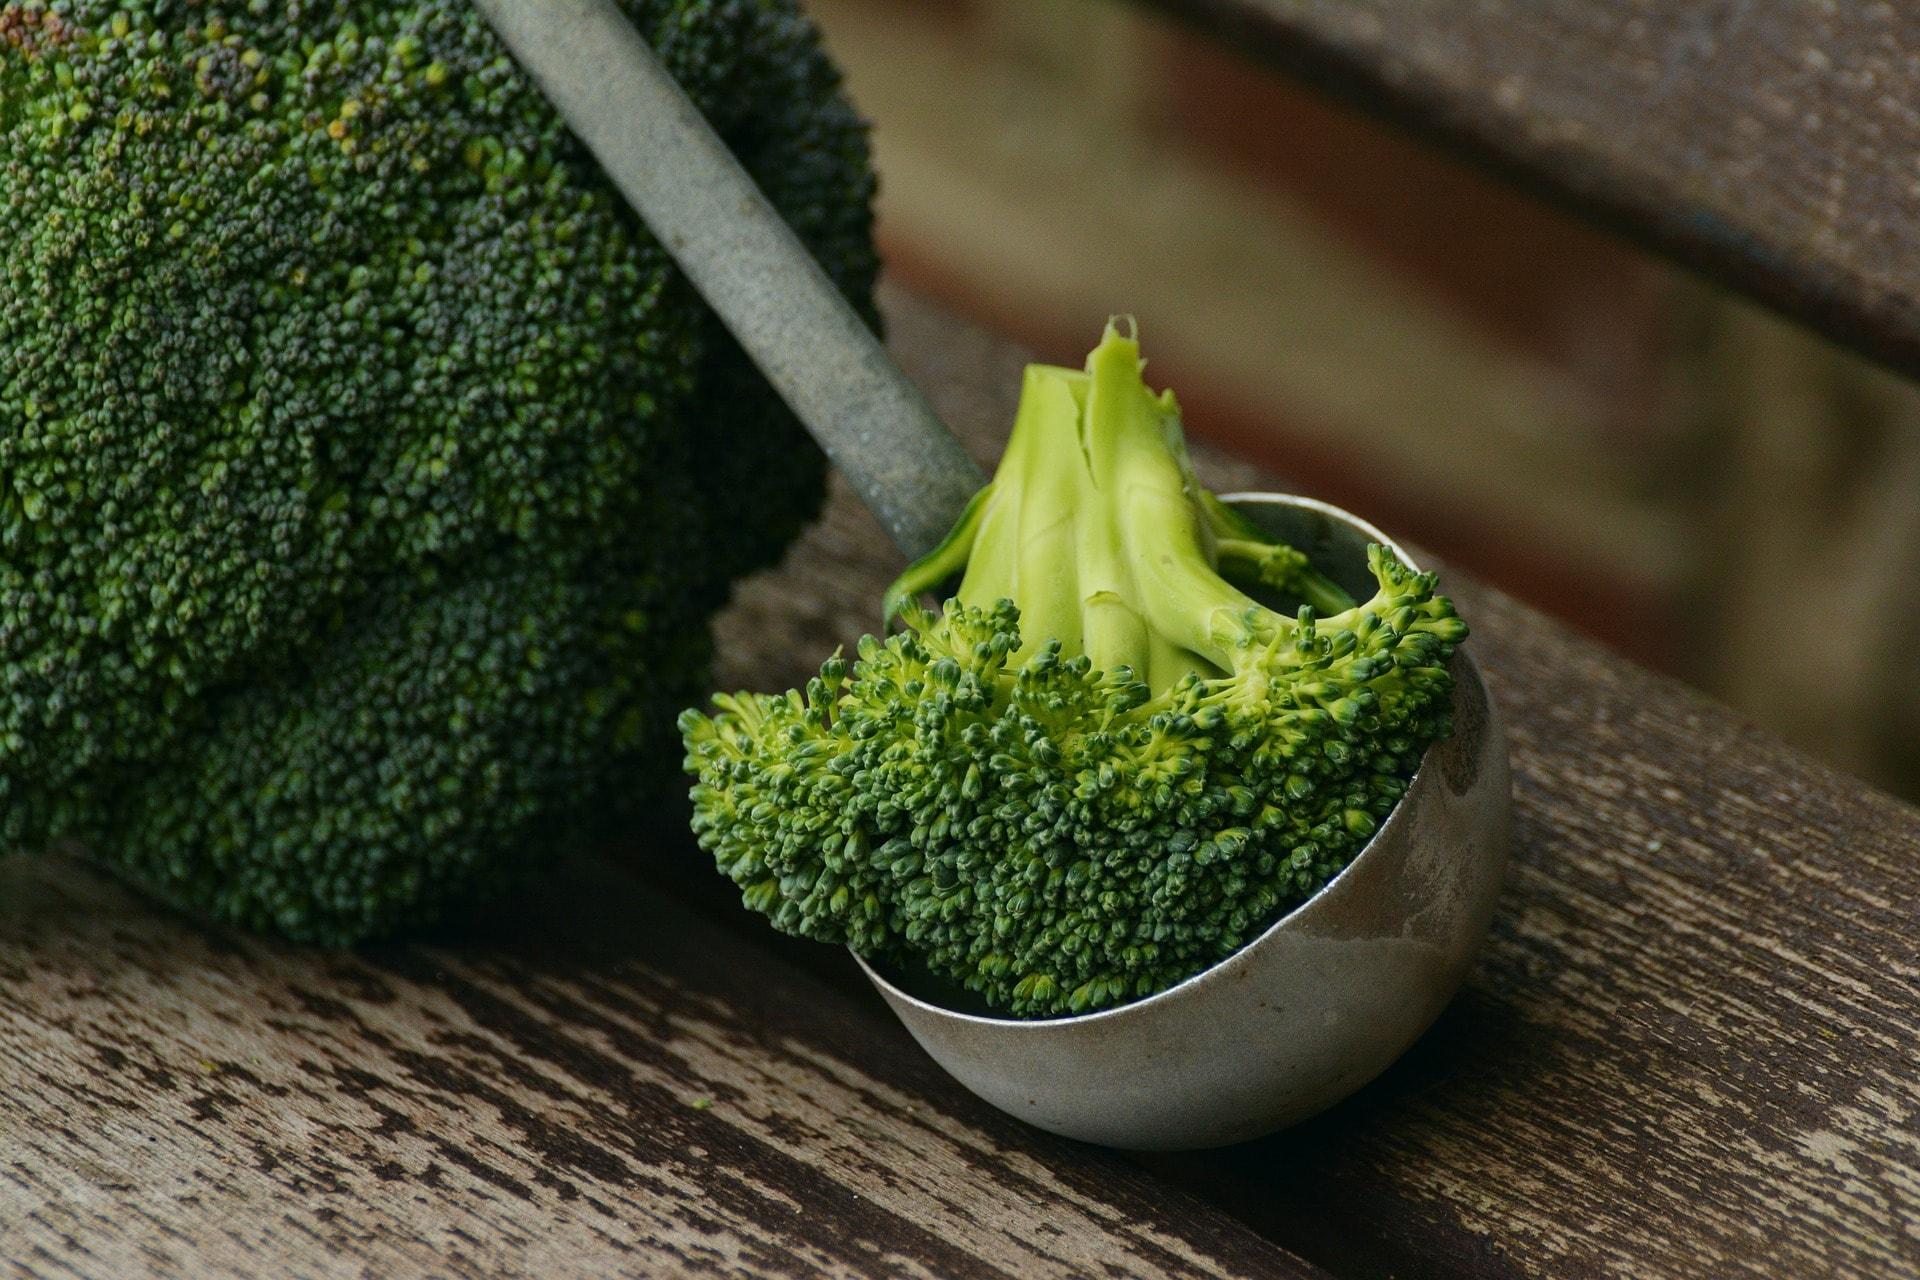 Brokoliai - gerai sveikatai ir organizmo švarai